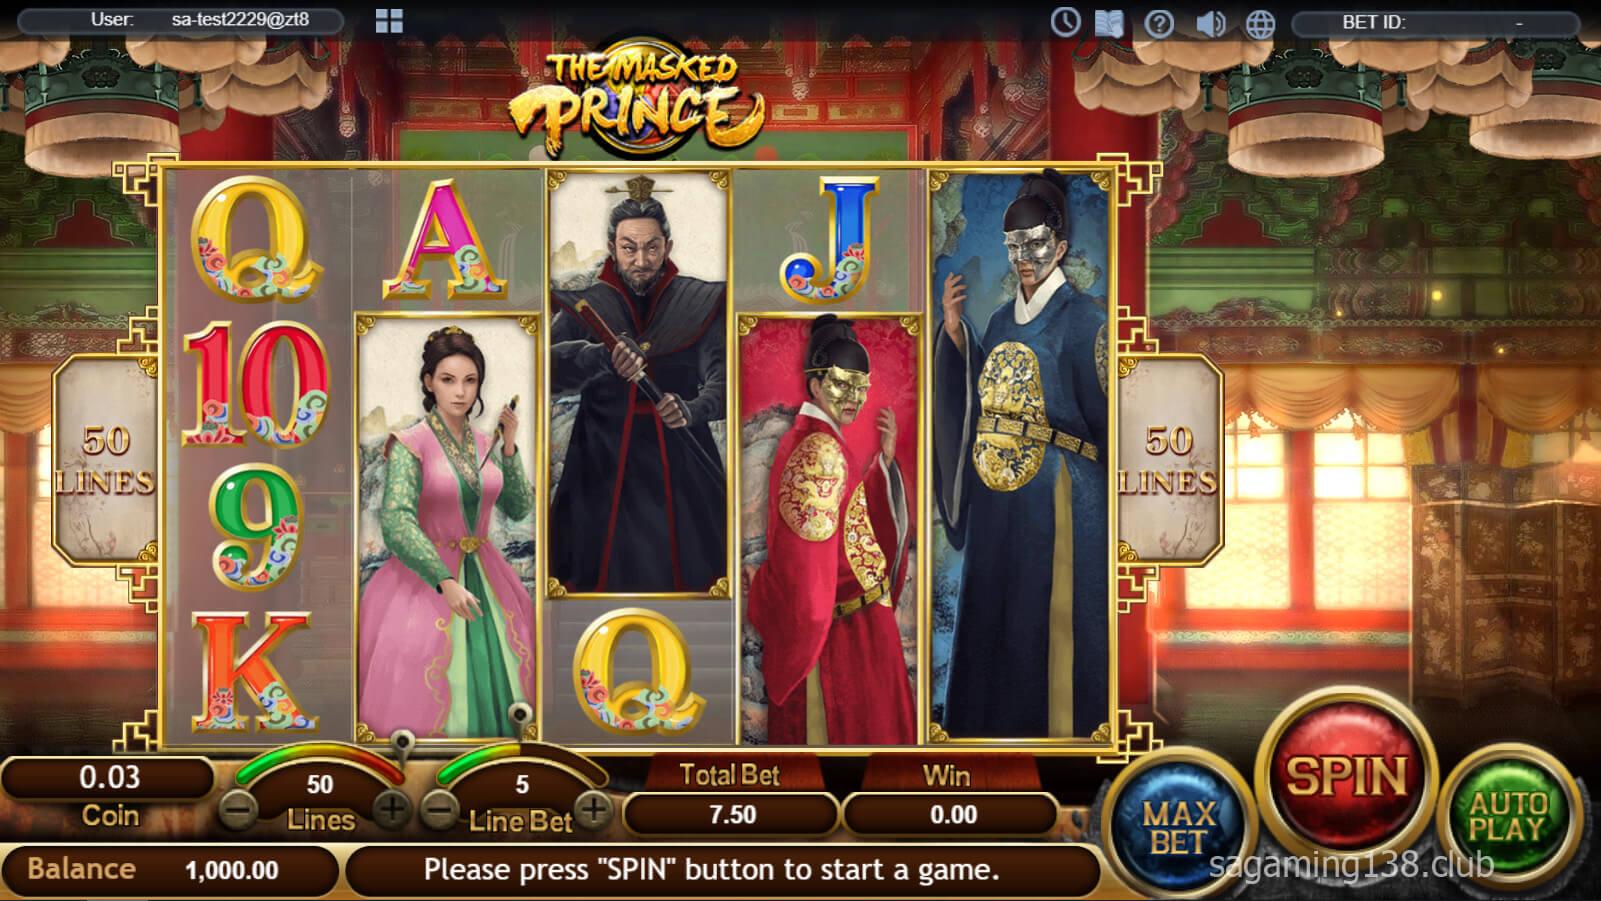 The Masked Prince เกมสล็อตออนไลน์ 2 SA Gaming คาสิโนออนไลน์ที่ดีที่สุด